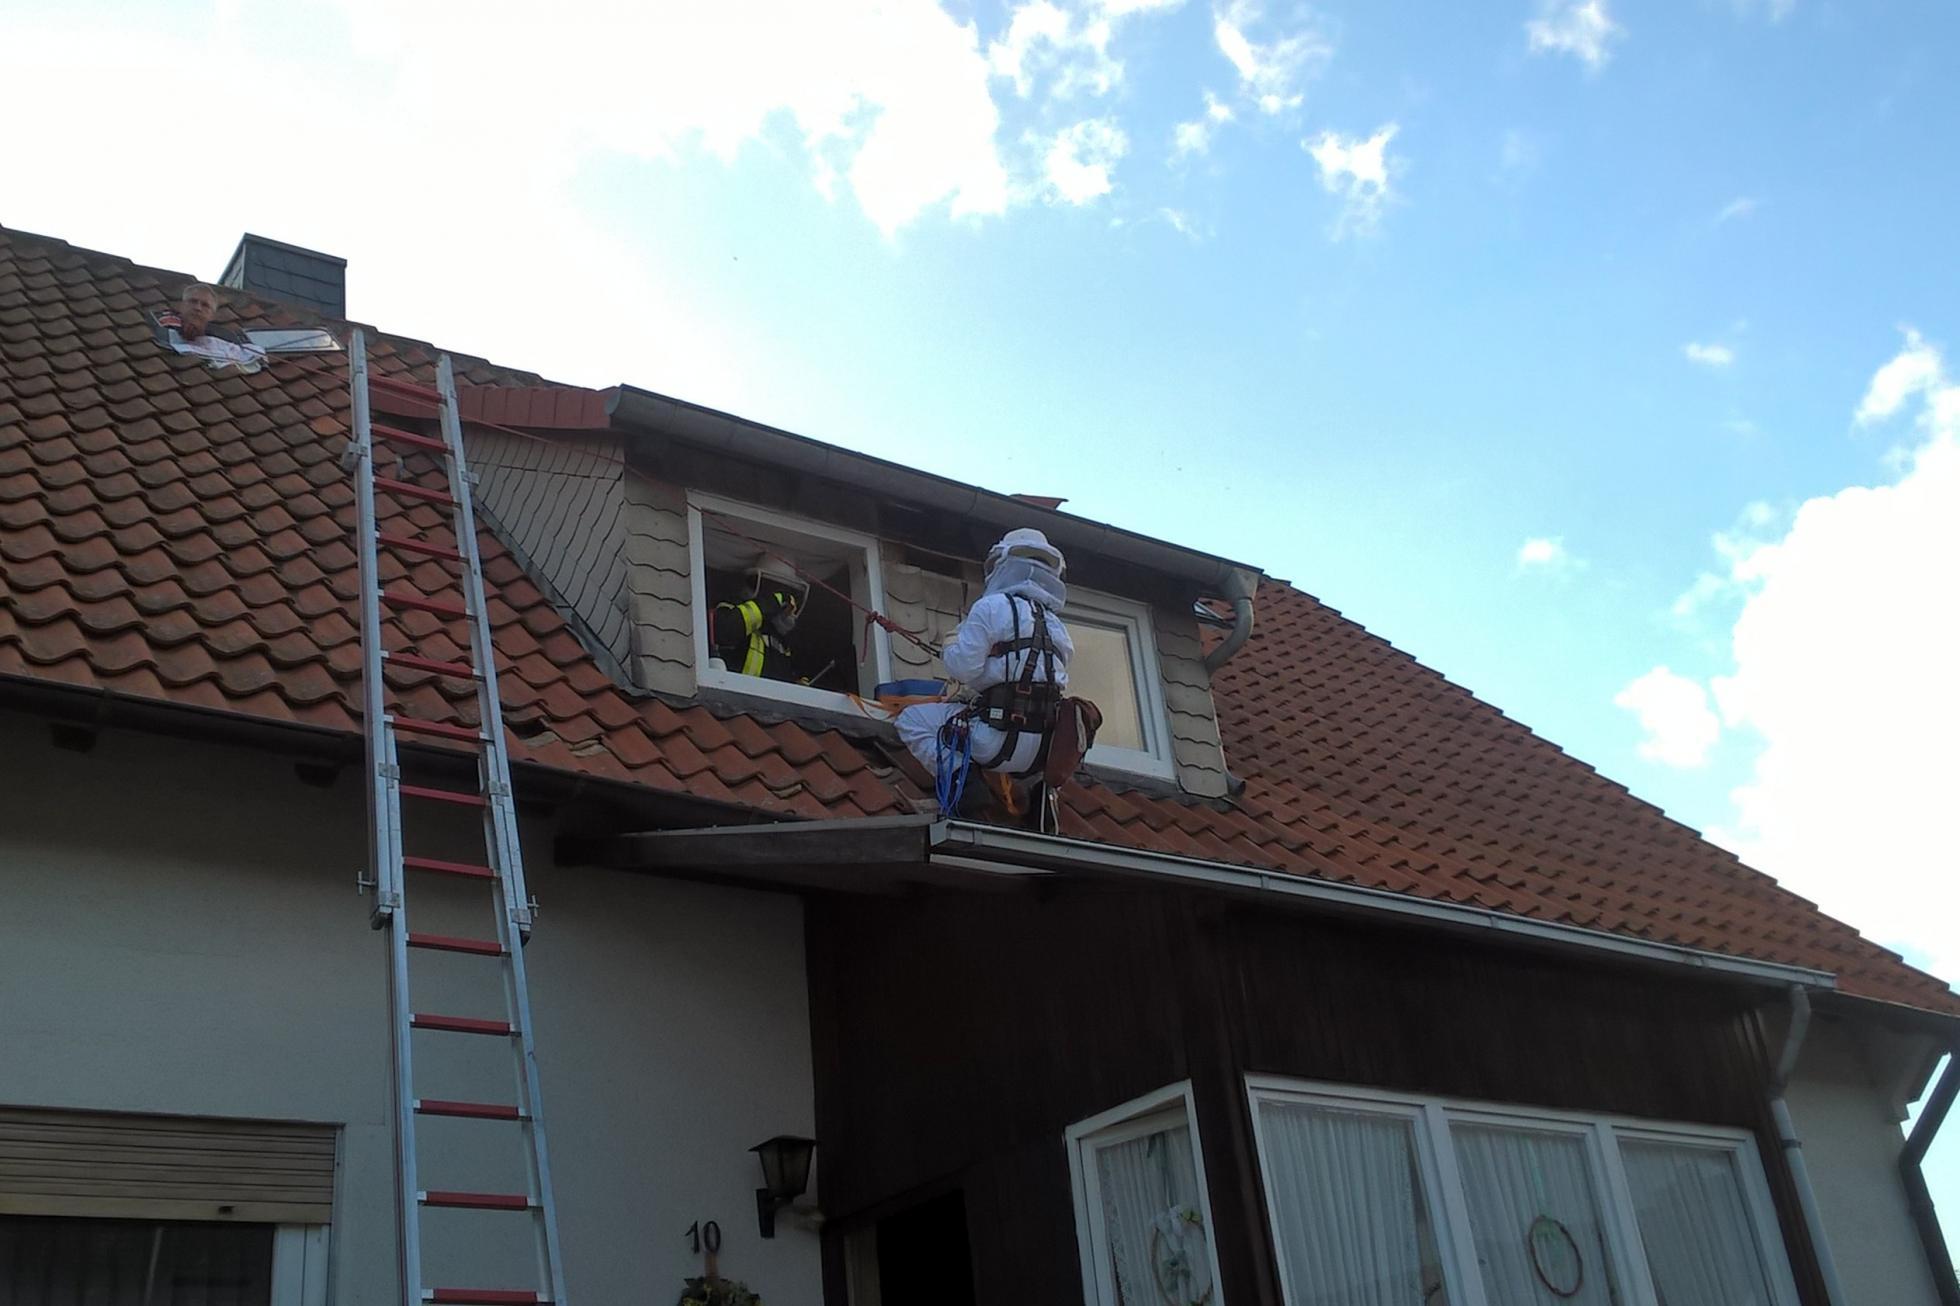 Prächtig Wespennest an Dach | Ortsfeuerwehr Hohenbostel &RV_55